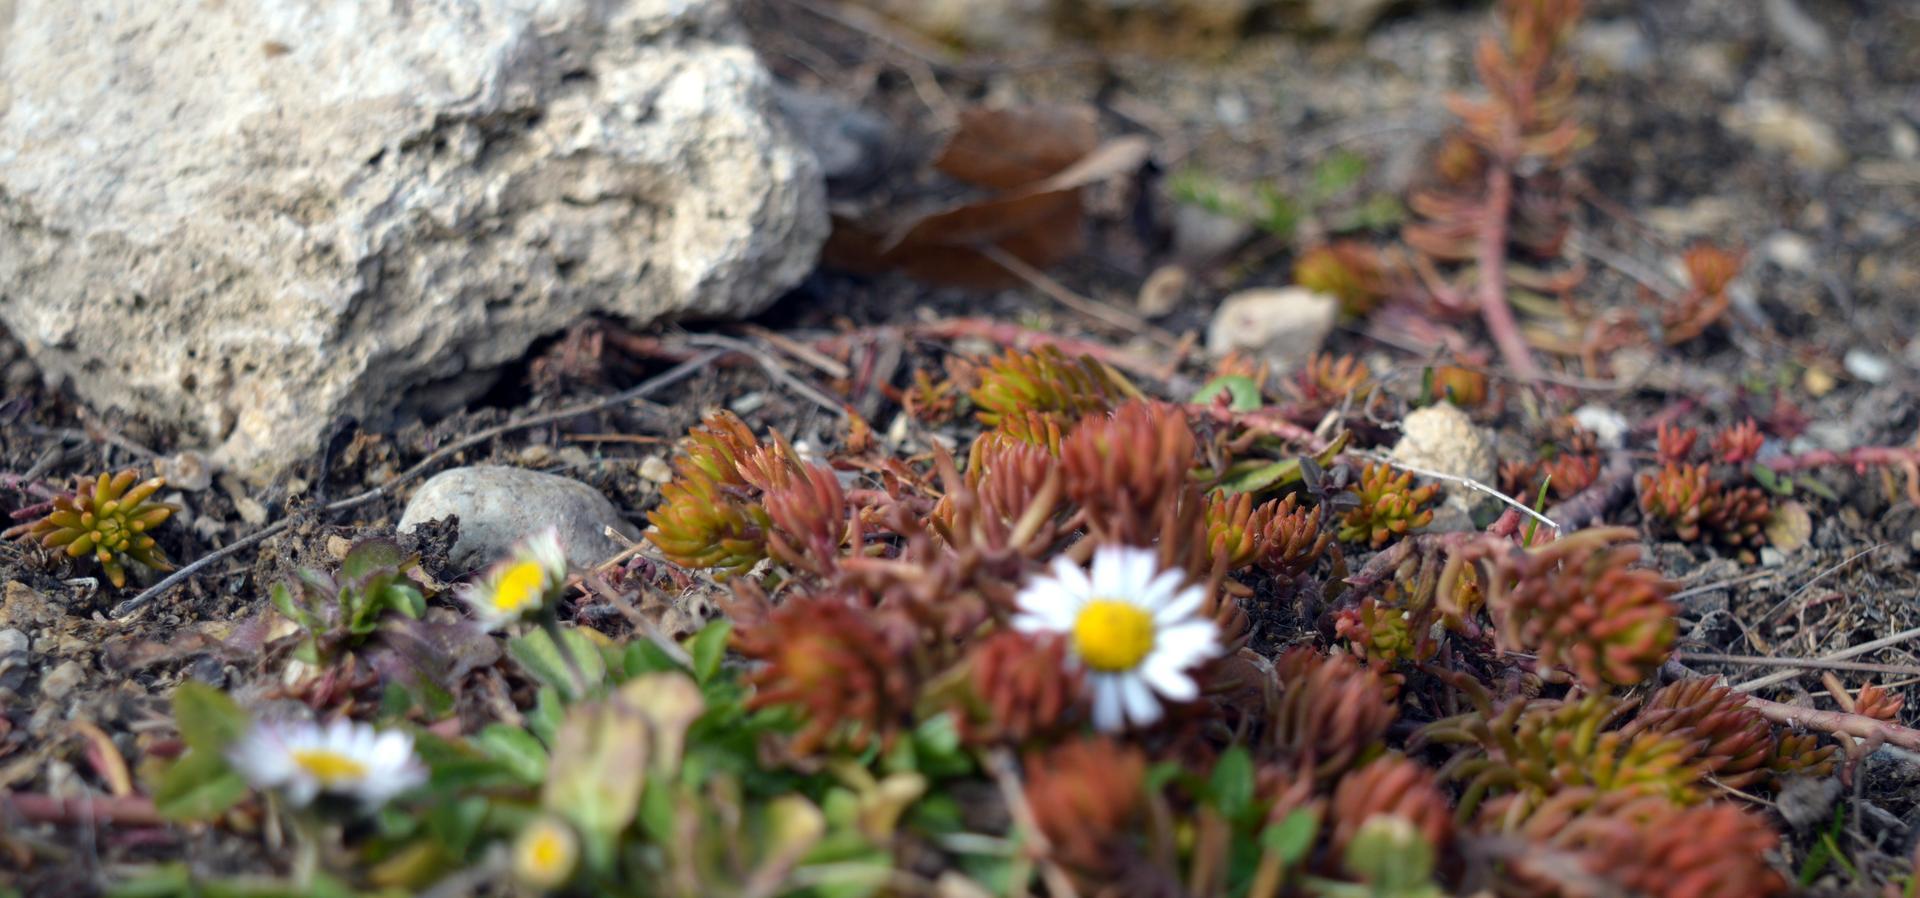 Naša prírodná perma záhradka v roku 2021 - 3/2021 - pozdĺž múra je ale predsa teplejšie, rozkvitajú sedmokrásky